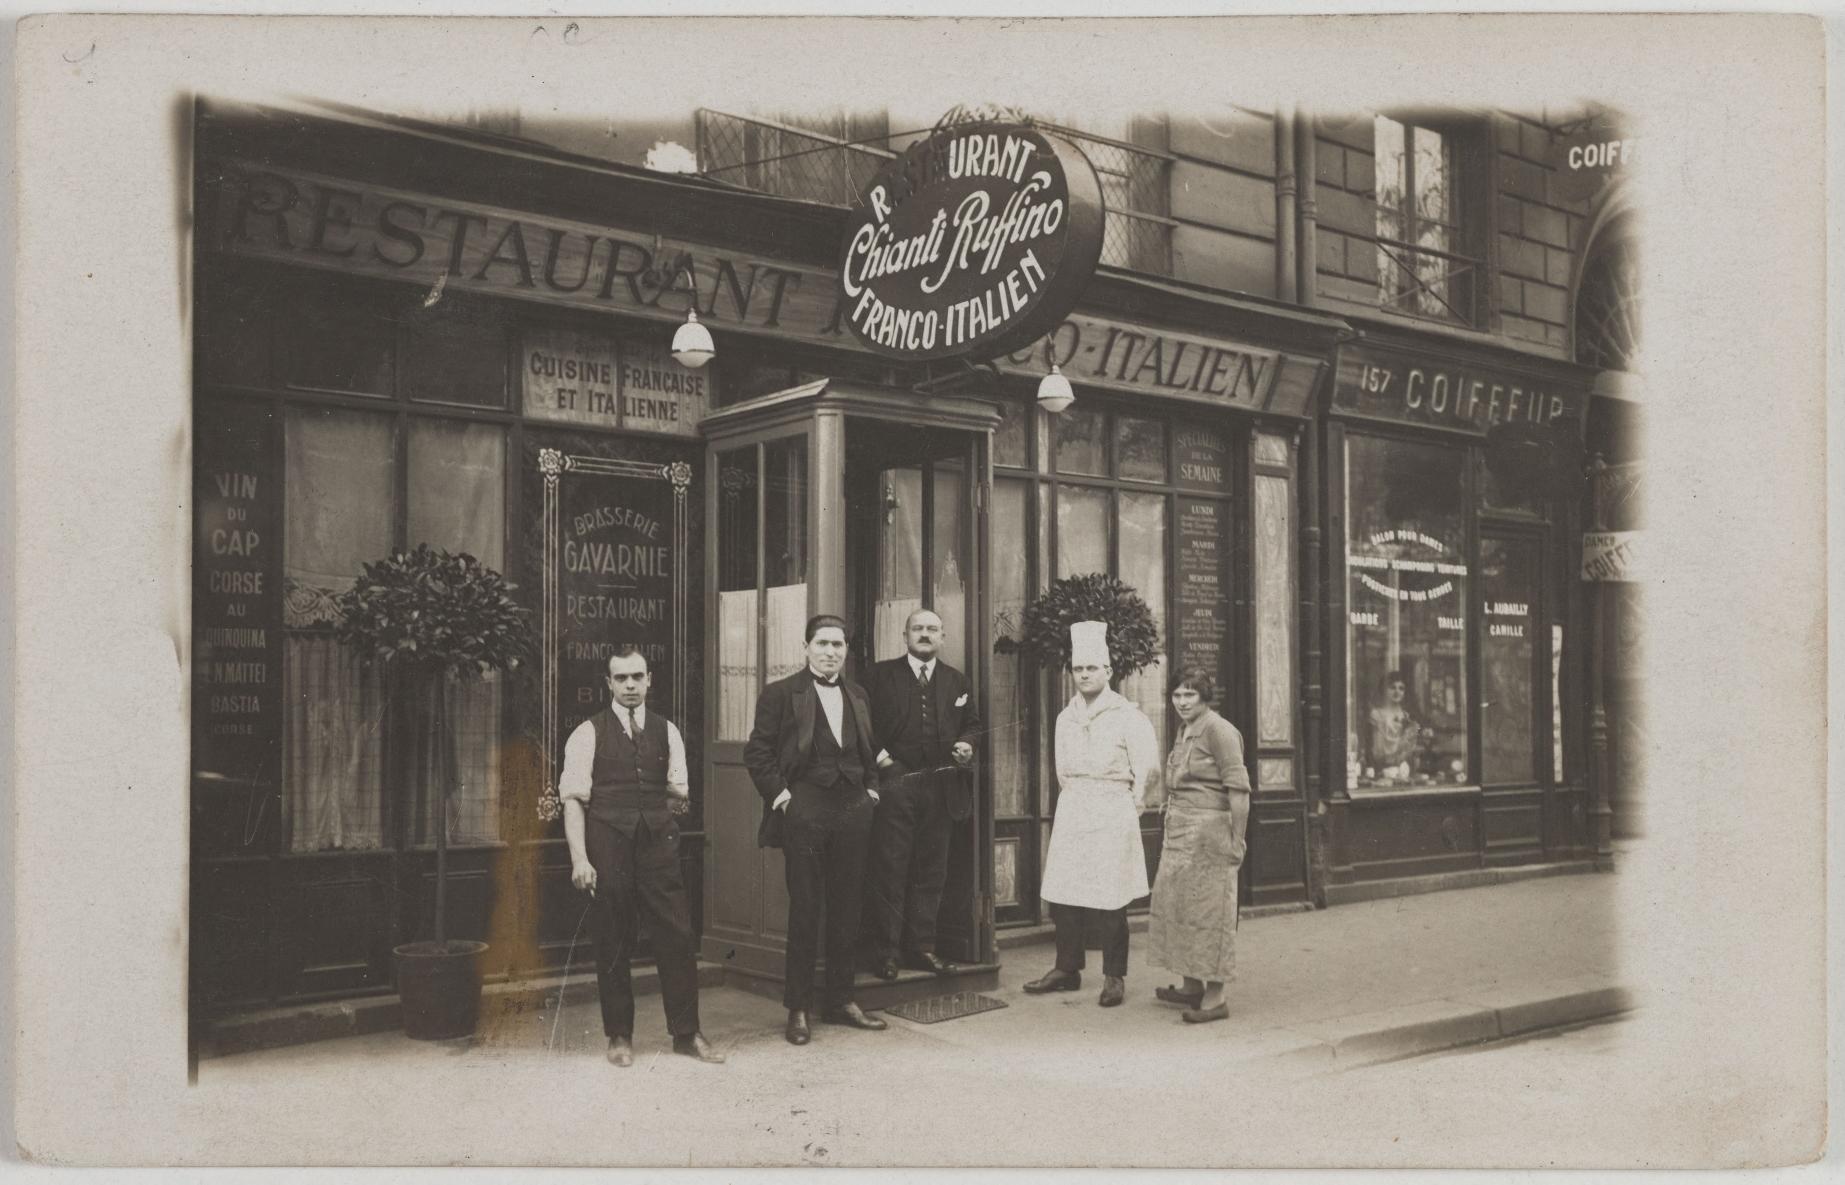 1919-1922. Брассери Гаварни, франко-итальянский ресторан, 155 Boulevard Saint-Germain (7-й округ). Сейчас на этом месте Cafe Louise